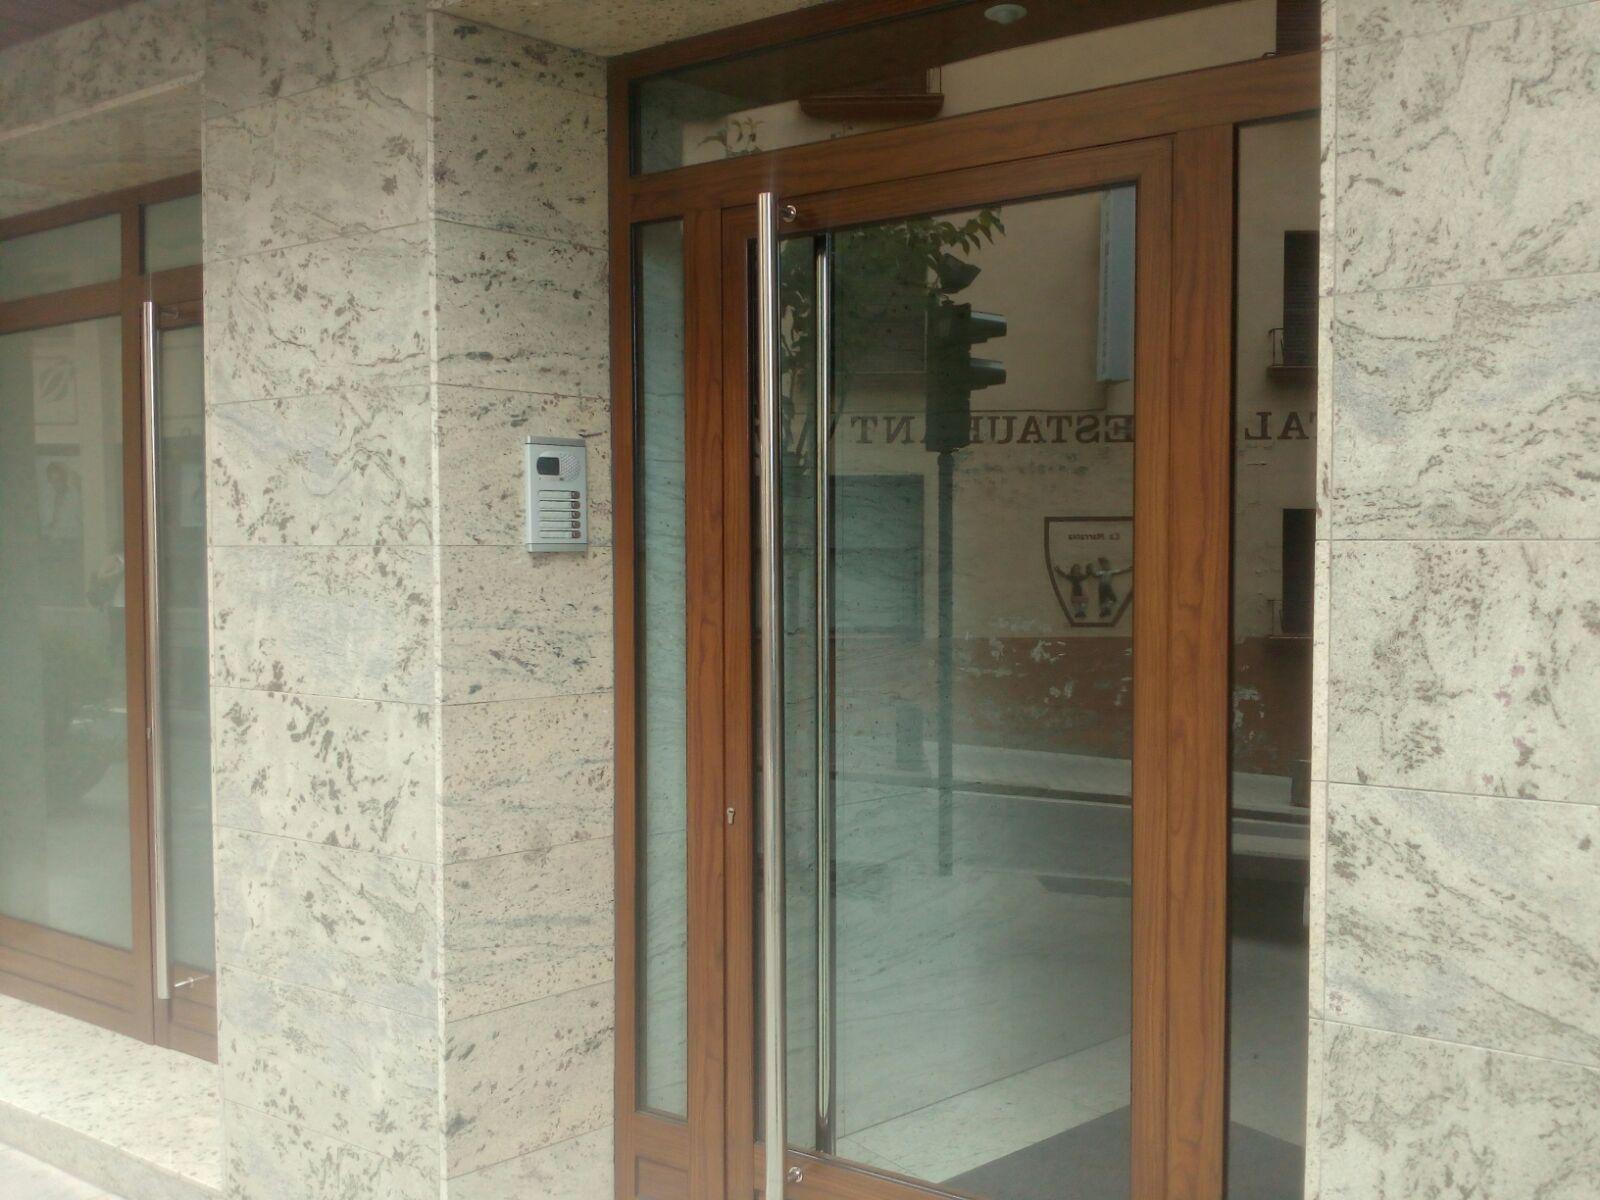 PORTES DE CARRER PER A COMUNITAT DE VEÏNS Àmplia gamma de portes de carrer per a comunitat de veïns, acabats a escollir en funció dels diferents models. Les portes de comunitats, d'accés des del carrer a les comunitats de propietaris poden combinar diversos tipus de materials (ferro, alumini, vidre, fusta) La seguretat dels habitants d'una comunitat d'una escala de veïns, comença per la porta d' entrada a la finca. Una porta robusta de ferro o una de fusta blindada és una garantia de seguretat d'aquest punt d'accés a l'edifici. Les portes de comunitat poden disposar dels següents elements: Color: Perfilaríeu (Lacada en qualsevol color de la carta Ral) Ferratges i tiradors (daurats, cromats, acer inoxidable ...) Vidres: De seguretat laminats de 5+5 Panys: Electromecànics d'obertura i tancament automàtic, amb claus especialment pensades per a ús comunitari.